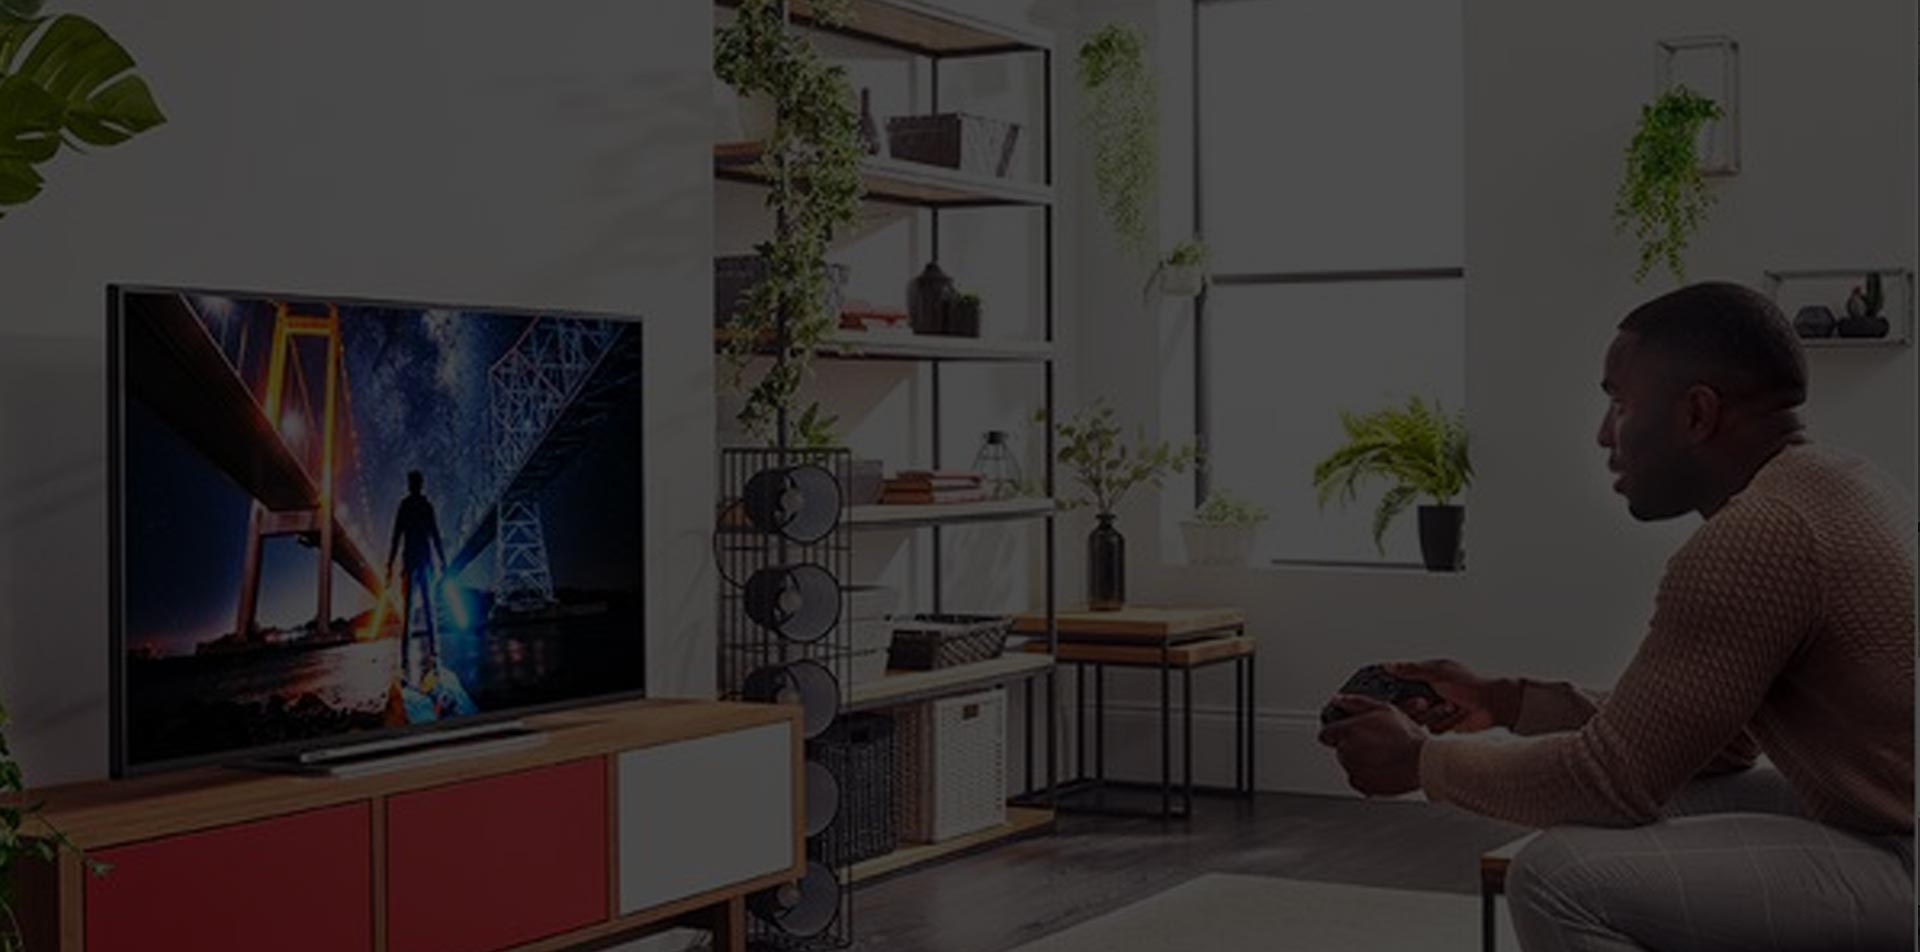 تعمیر کنترل جادویی تلویزیون ال جی در منزل